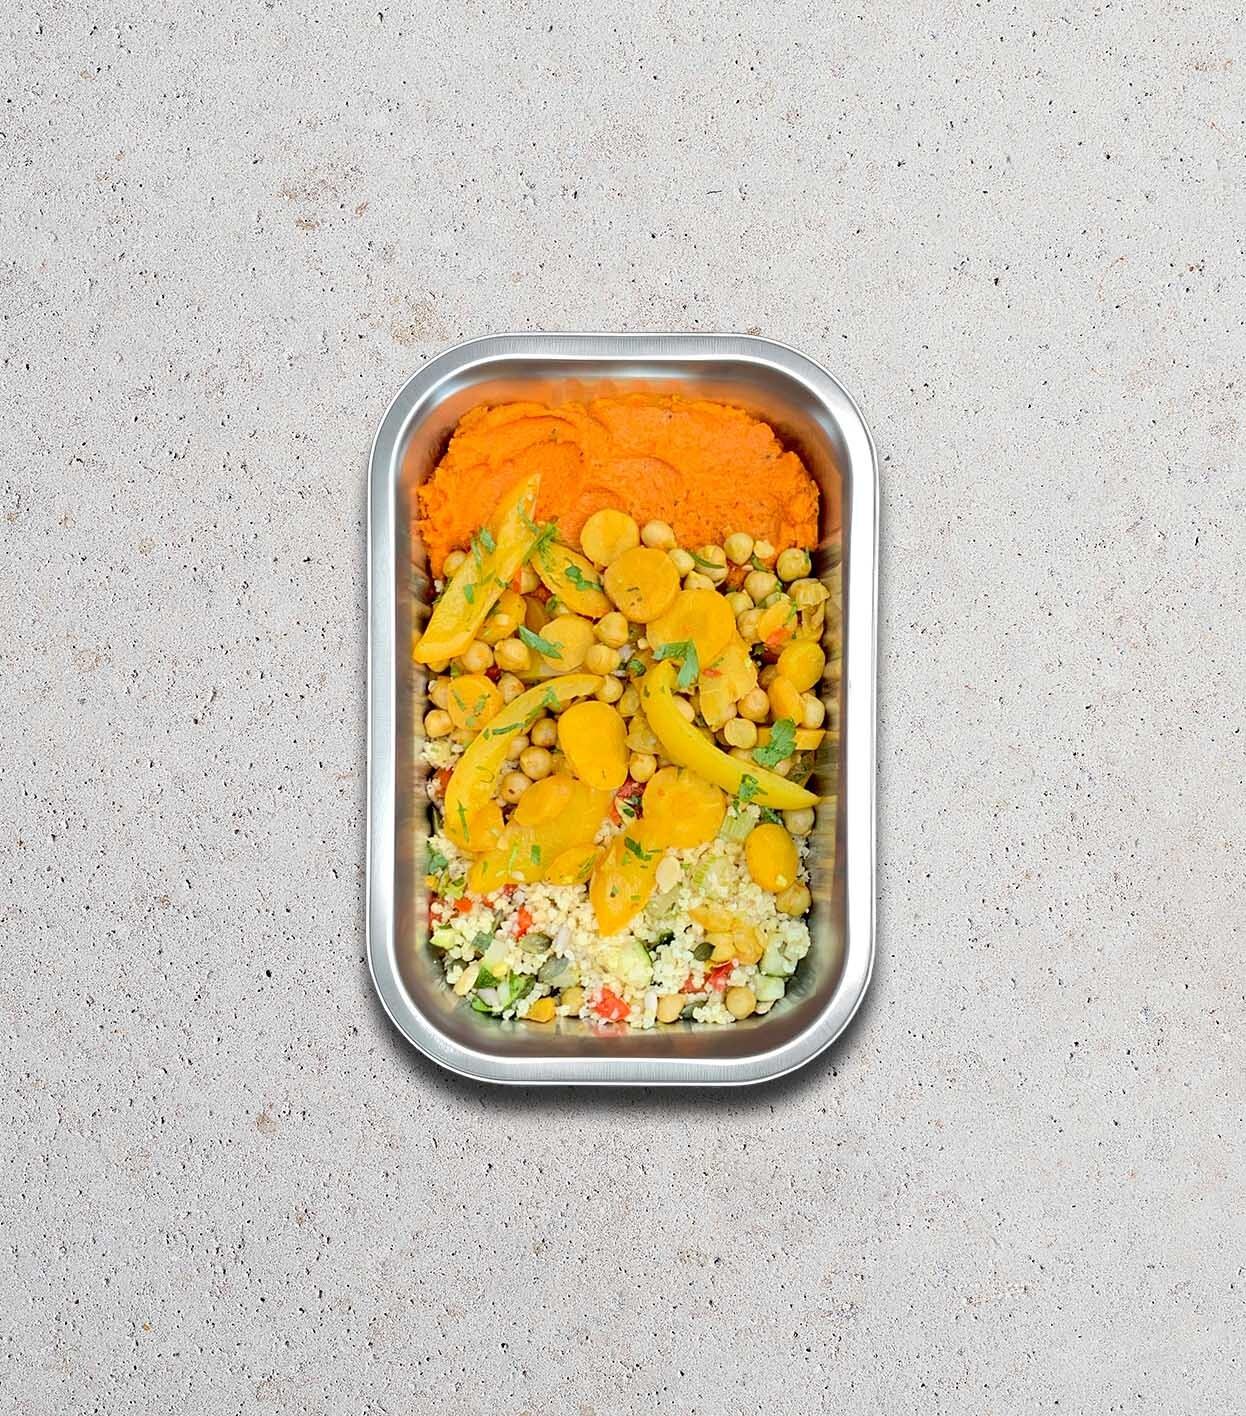 gezonde Bereide maaltijd met Gierst - courgette - tomaat - paprika - wortel - kikkererwt - pompoenpit - zonnebloempit - koriander